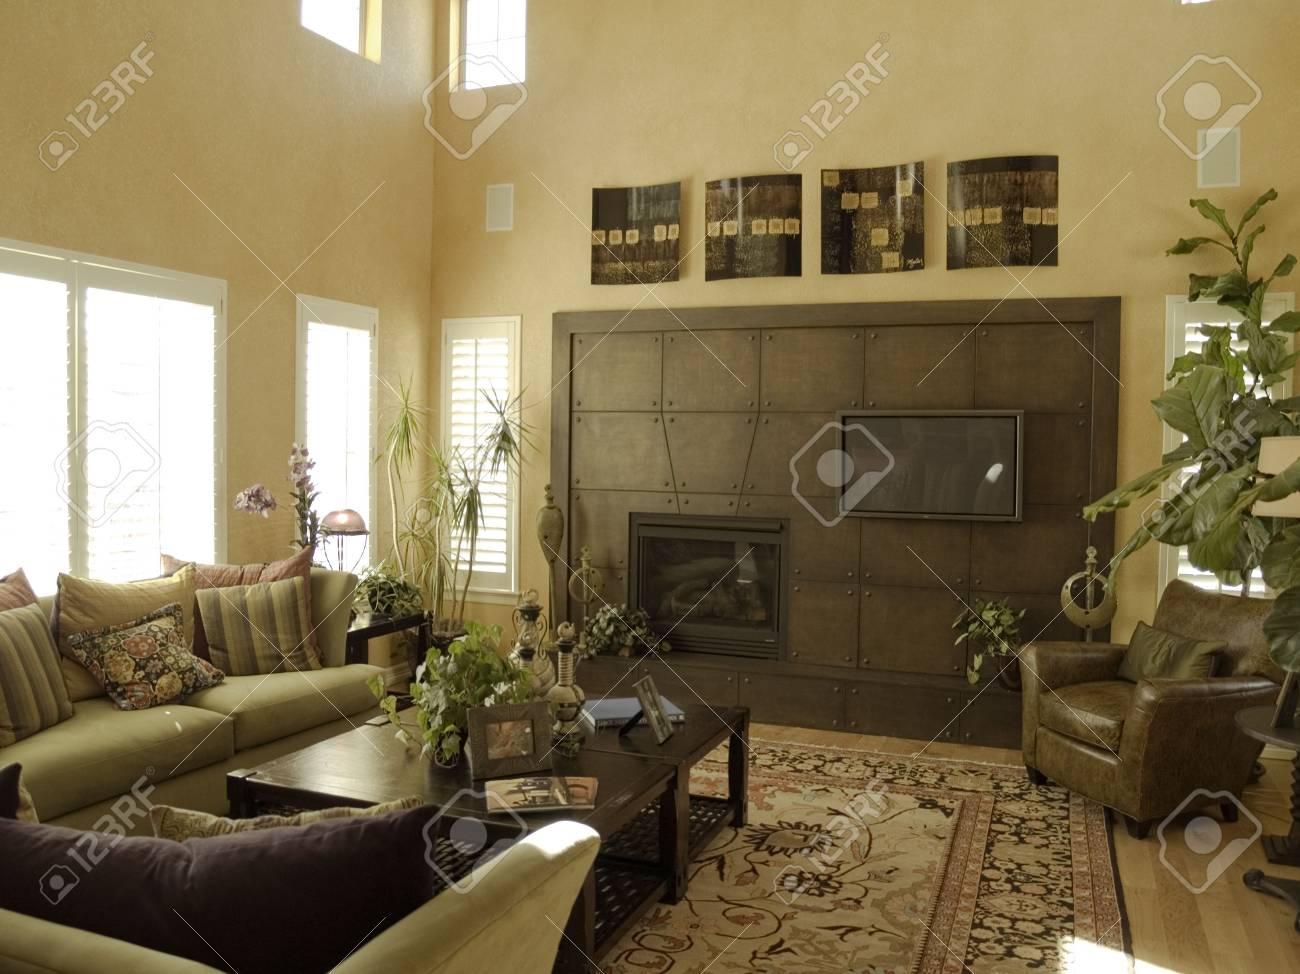 Luxus Wohnzimmer Mit Kamin Ungewohnliche Lizenzfreie Fotos Bilder Und Stock Fotografie Image 913017